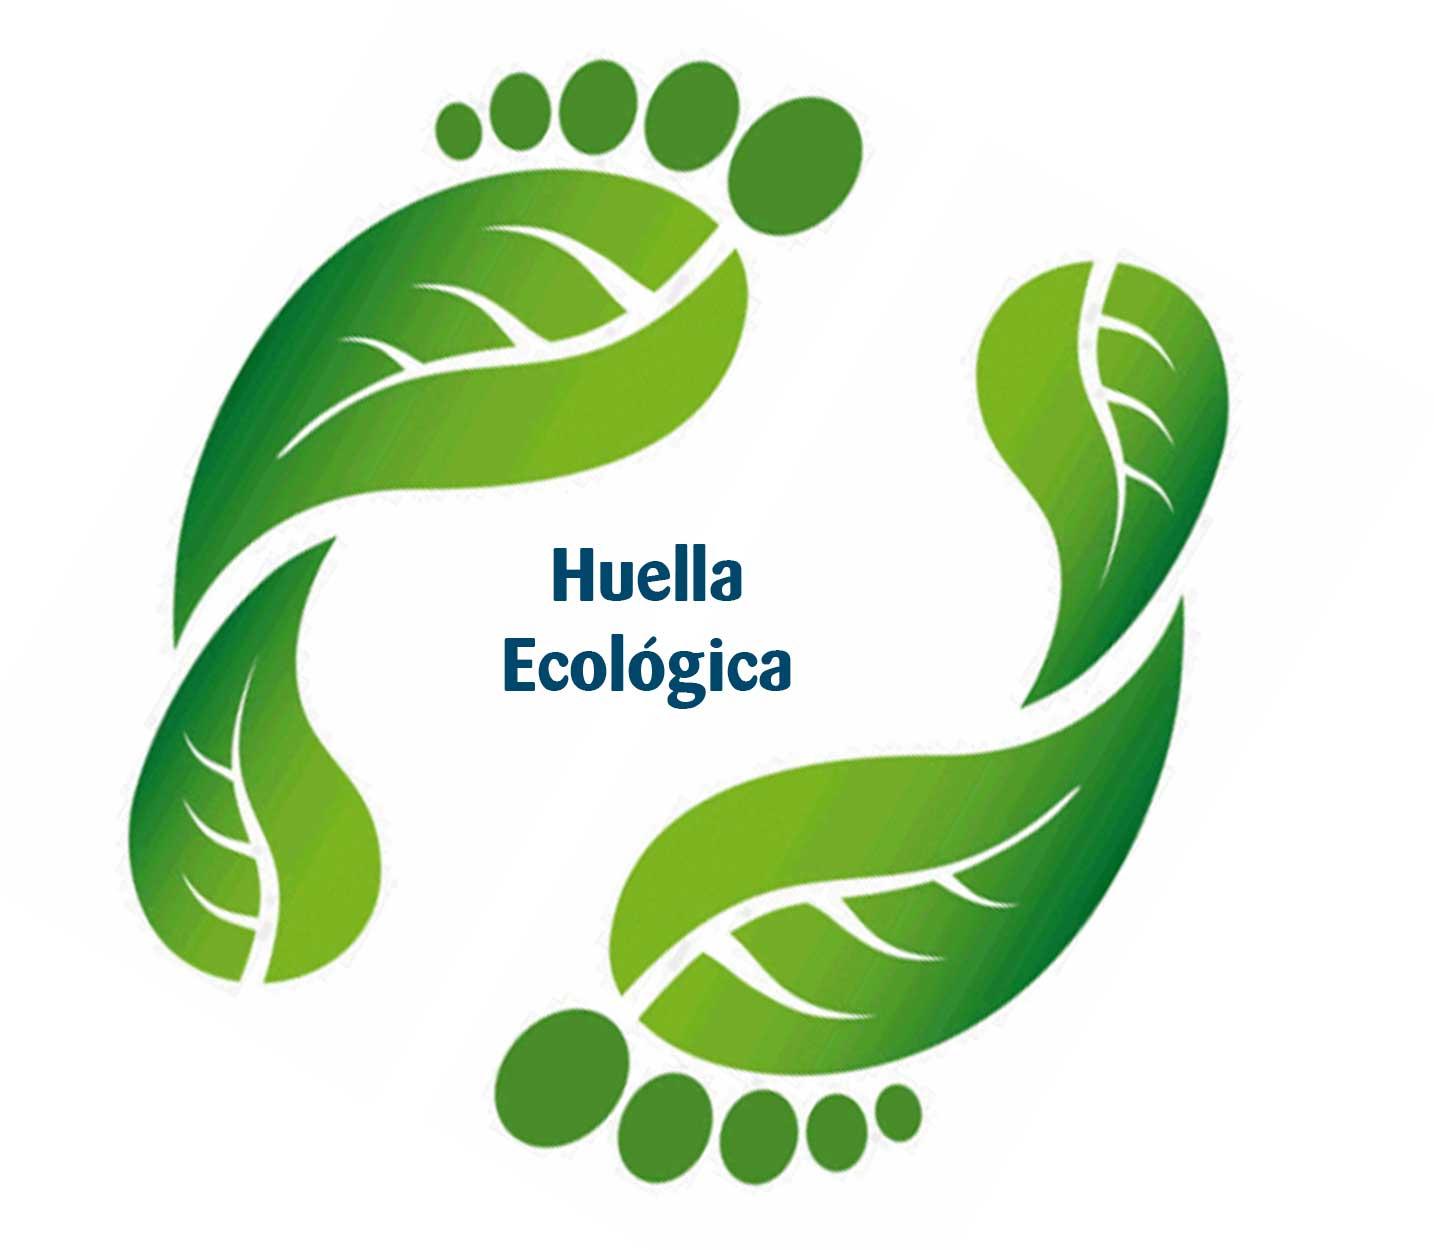 representación de la huella ecológica